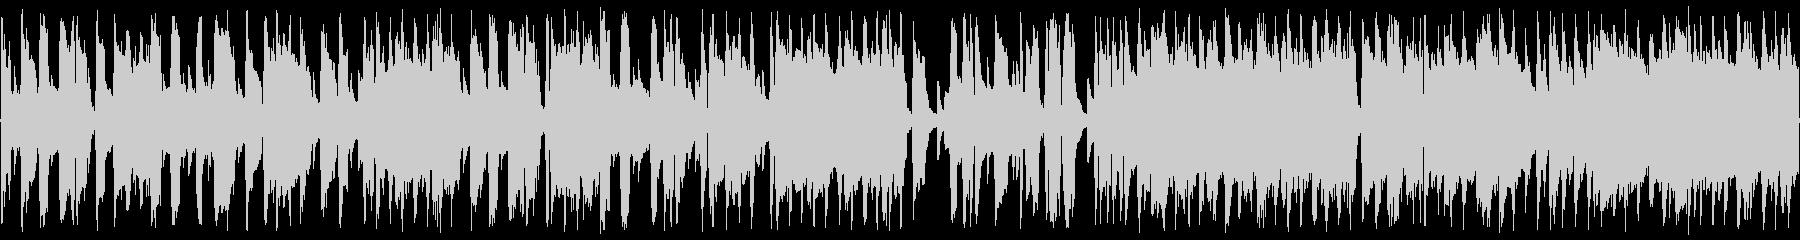 ジャズピアノ3拍子のブルース ループの未再生の波形